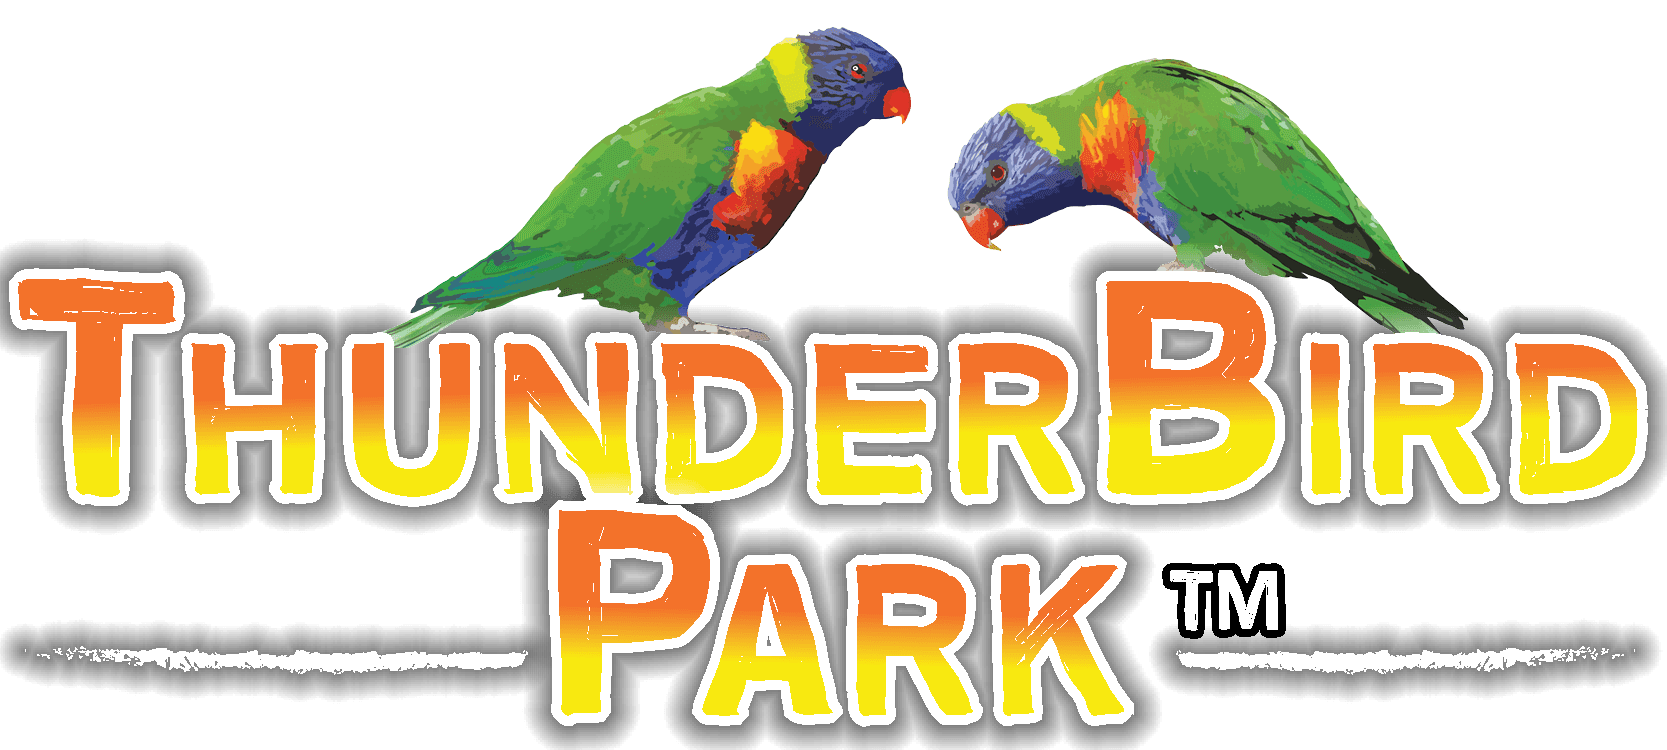 Thunderbird park deals